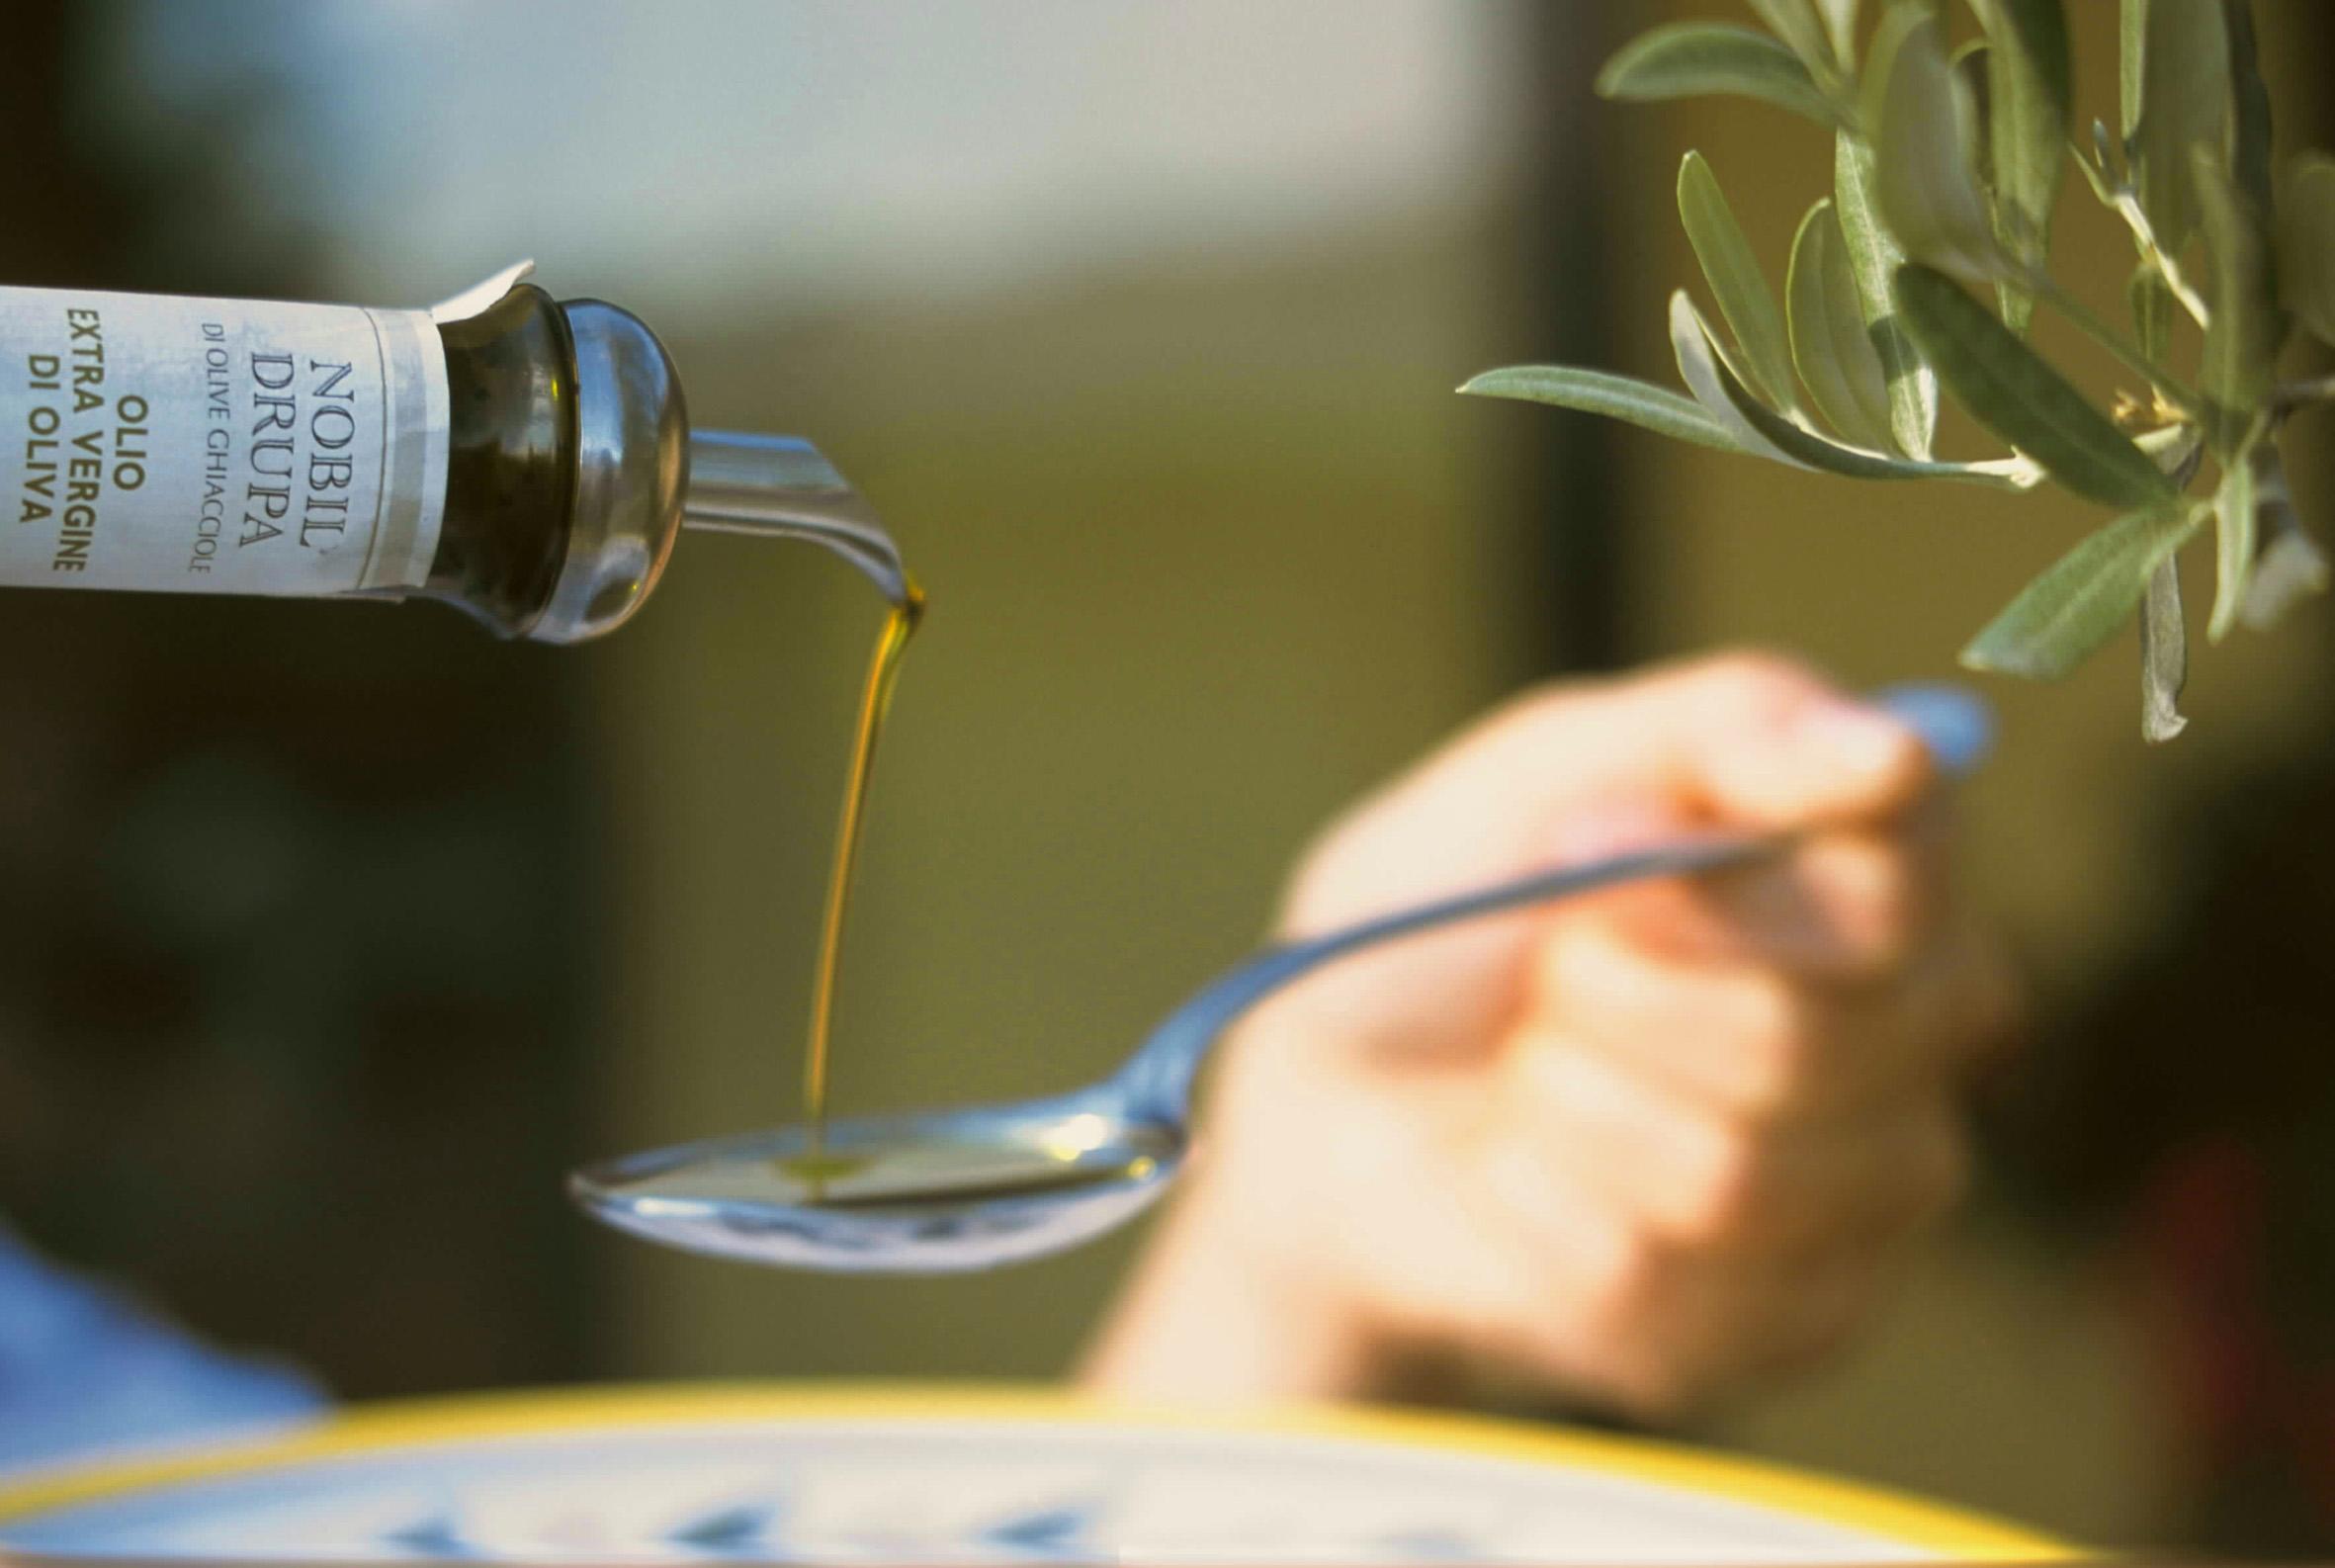 Olio versato cucchiaio Nobil Drupa